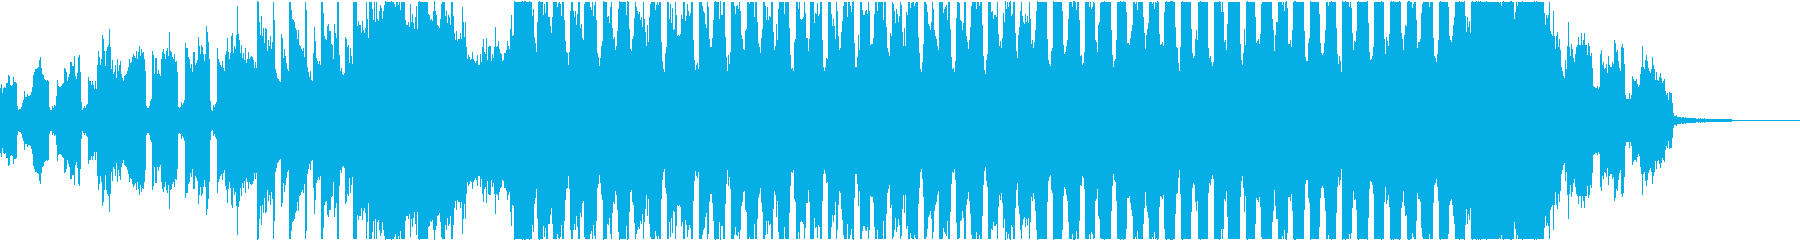 ポップ テクノ ロック ハウス ダ...の再生済みの波形